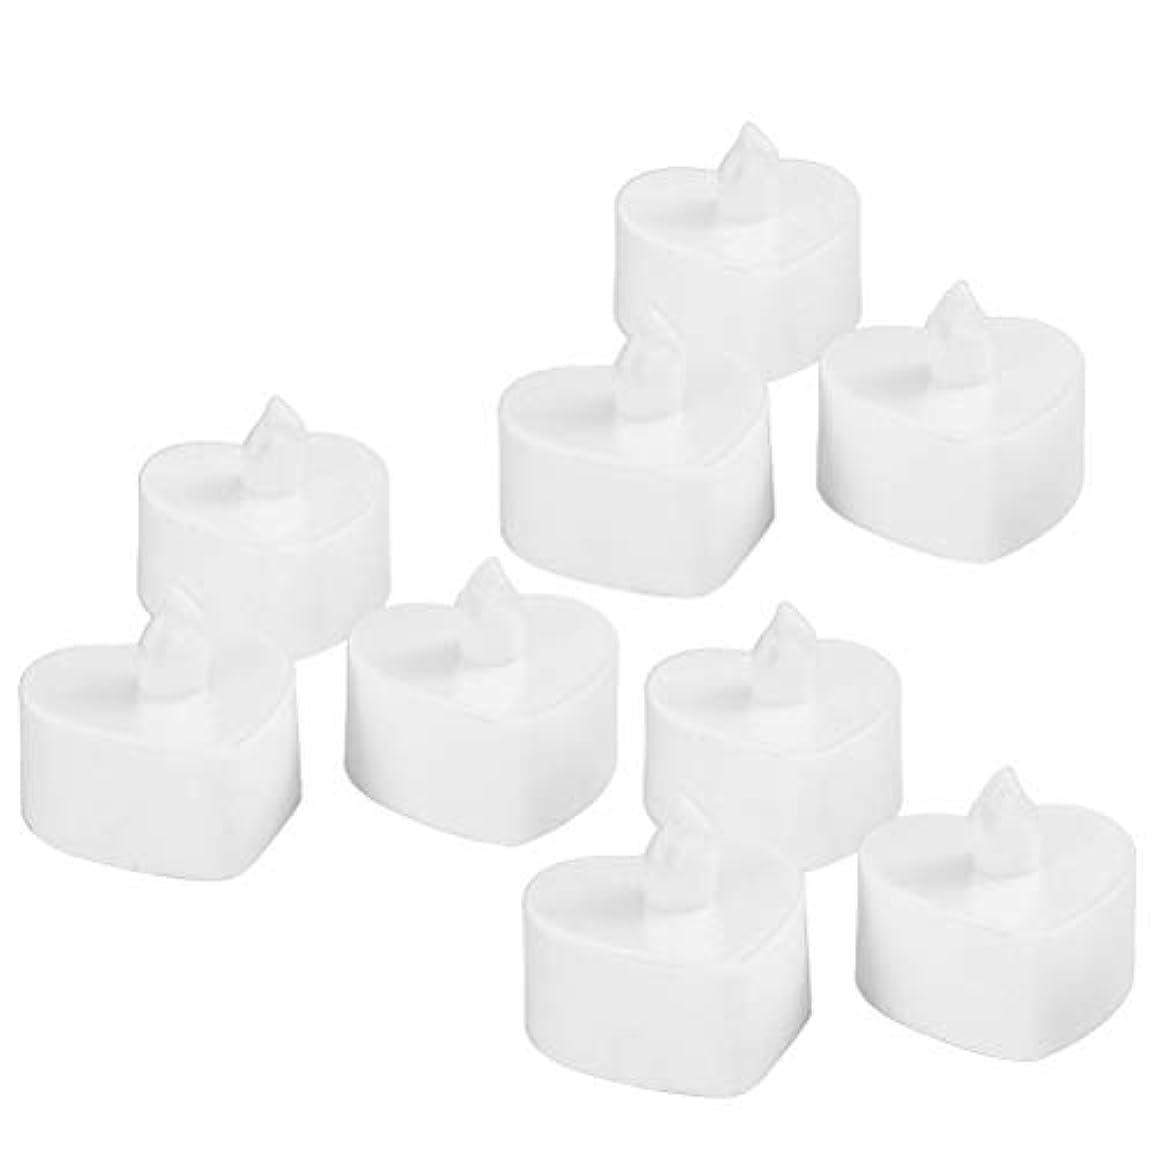 より良いバルブ。BESTOYARD 10個のLed茶ライトは、電池が作動する無炎Tealightキャンドル暖かい黄色のライトは、ハートシェイプのクリスマスのウェディングパーティの装飾(白いシェル、黄色のライト)